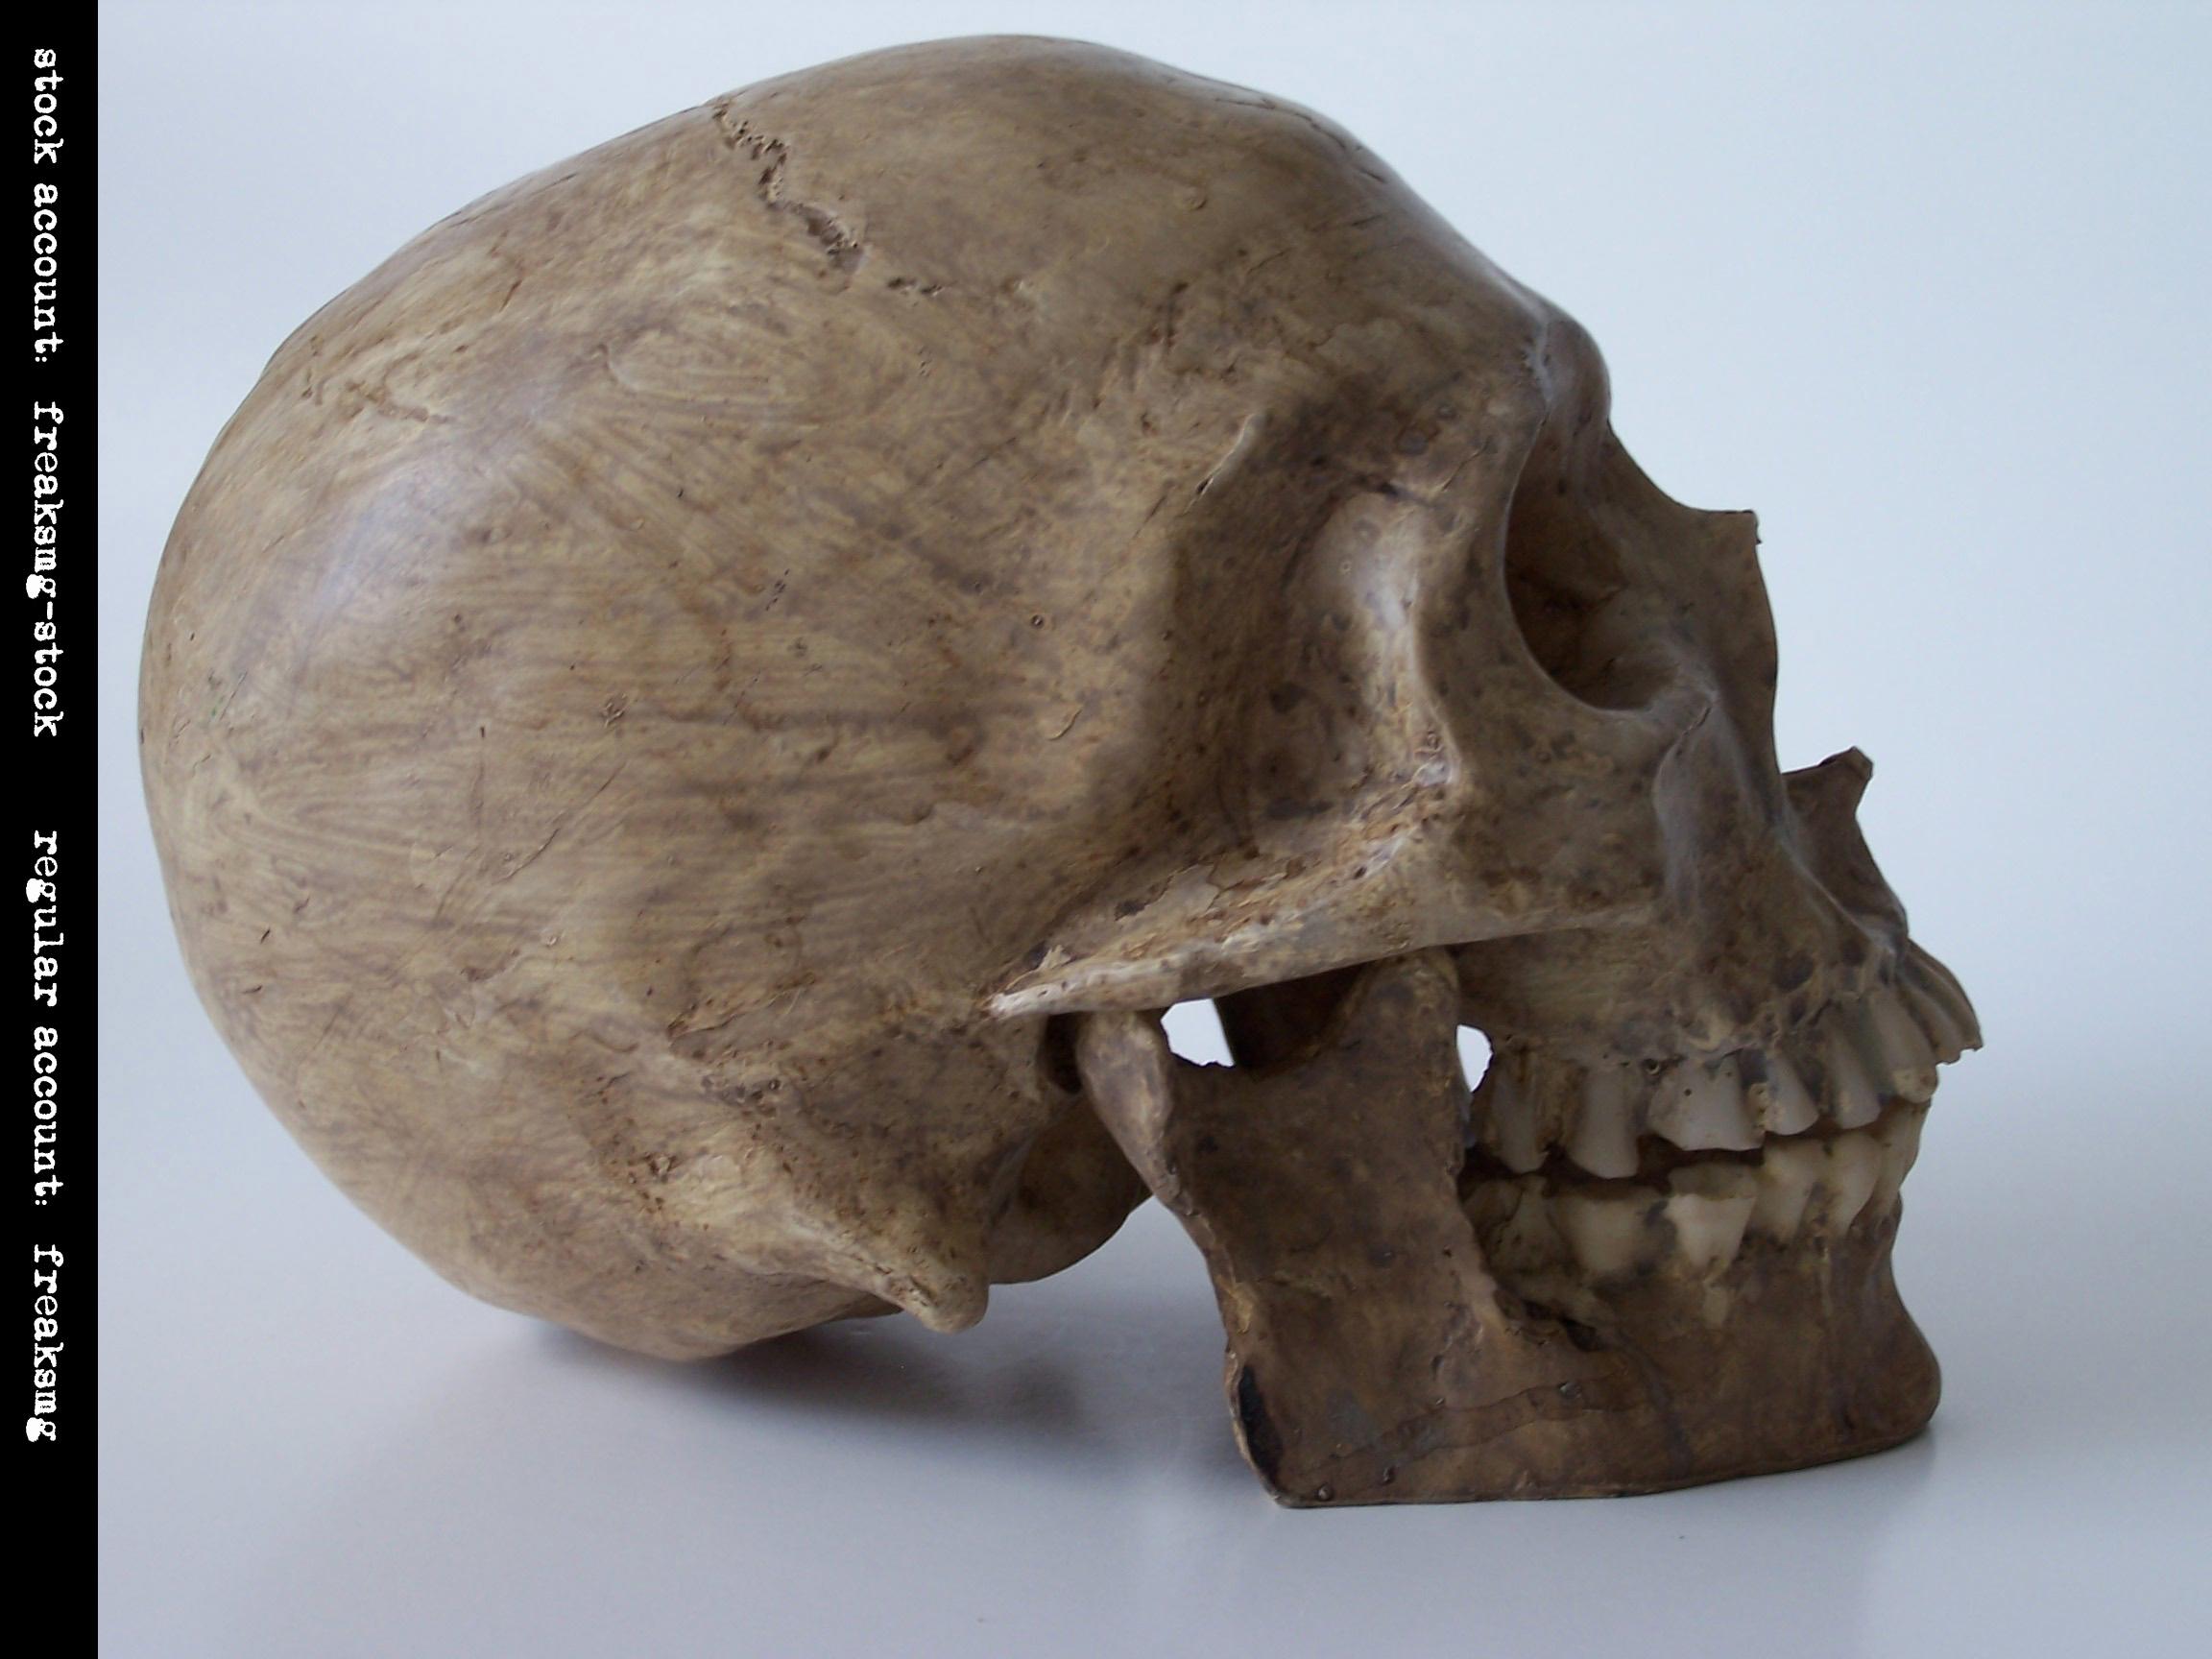 freaksmg-stock - new skull 2